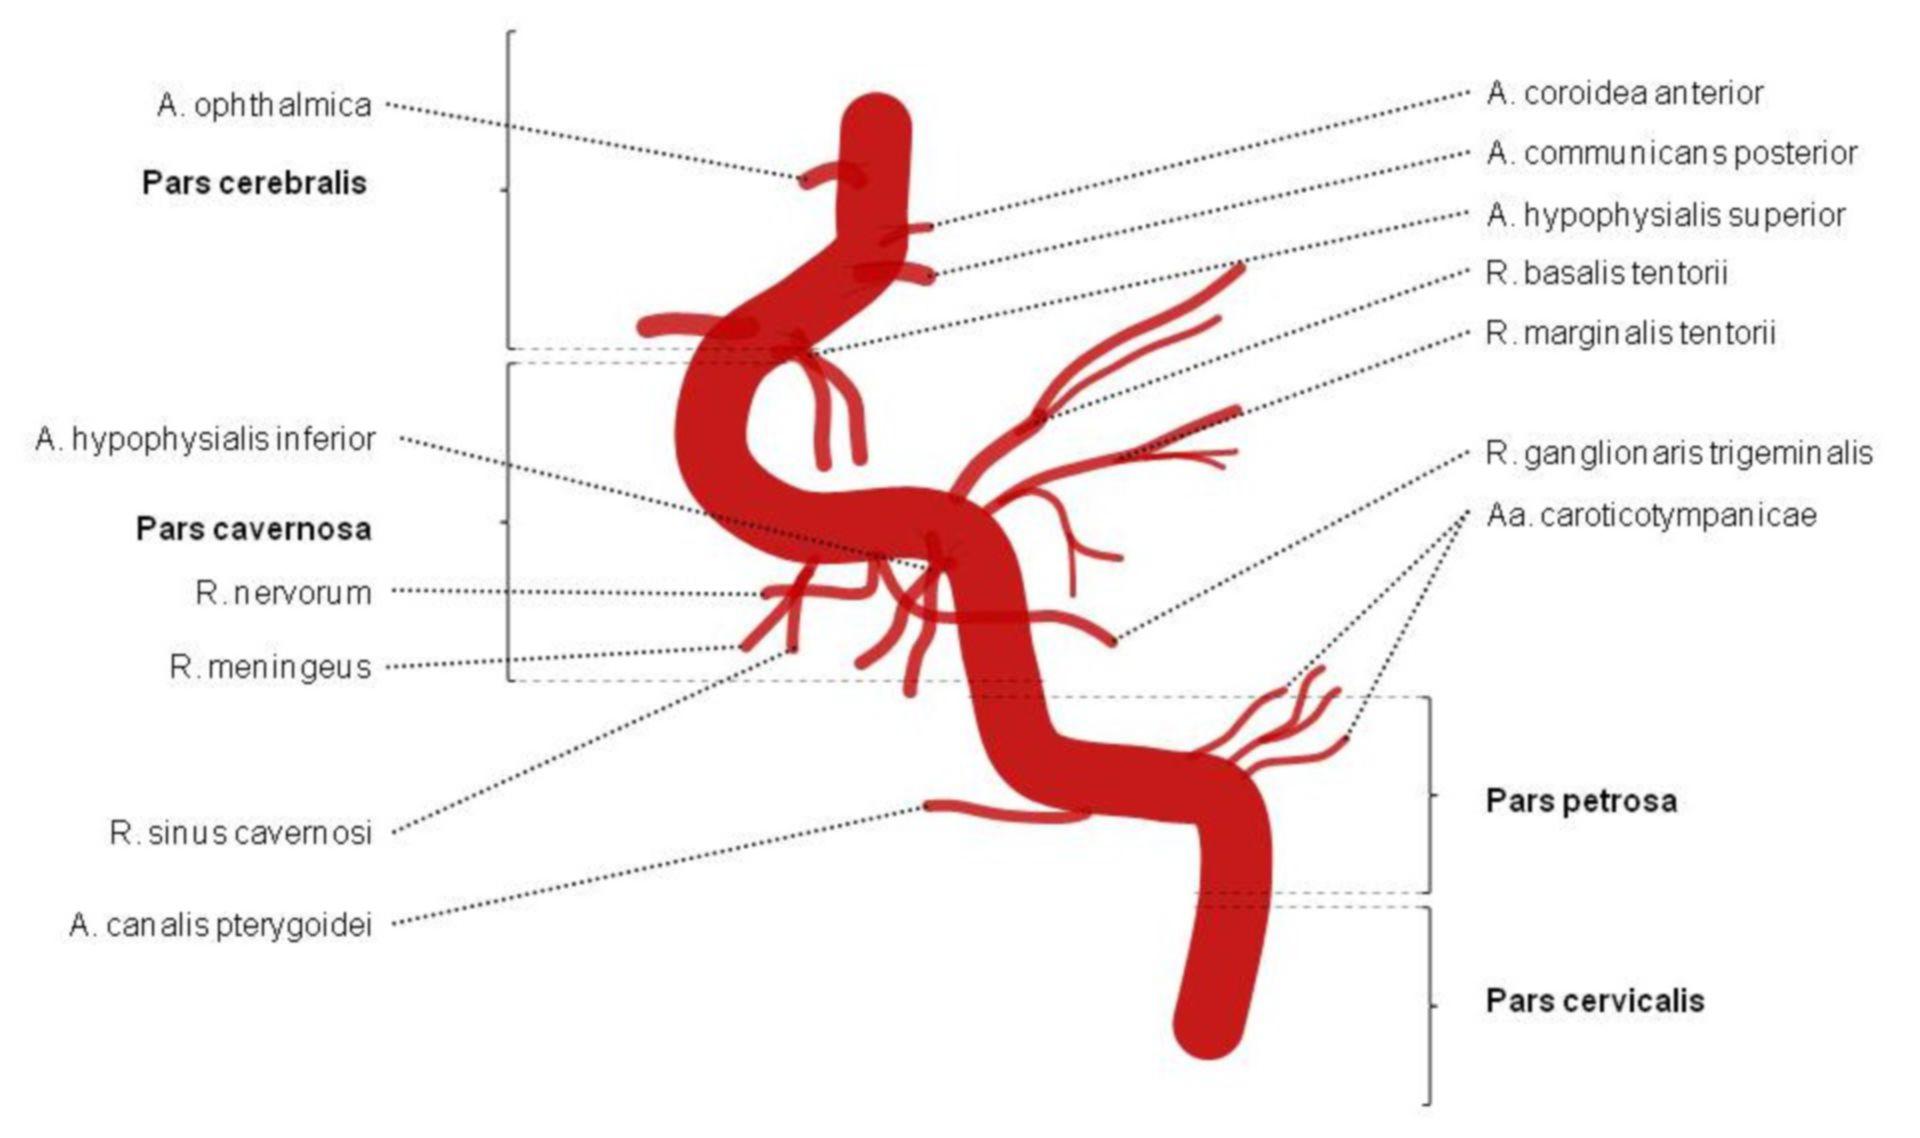 Arteria carótida interna - secciones y ramas